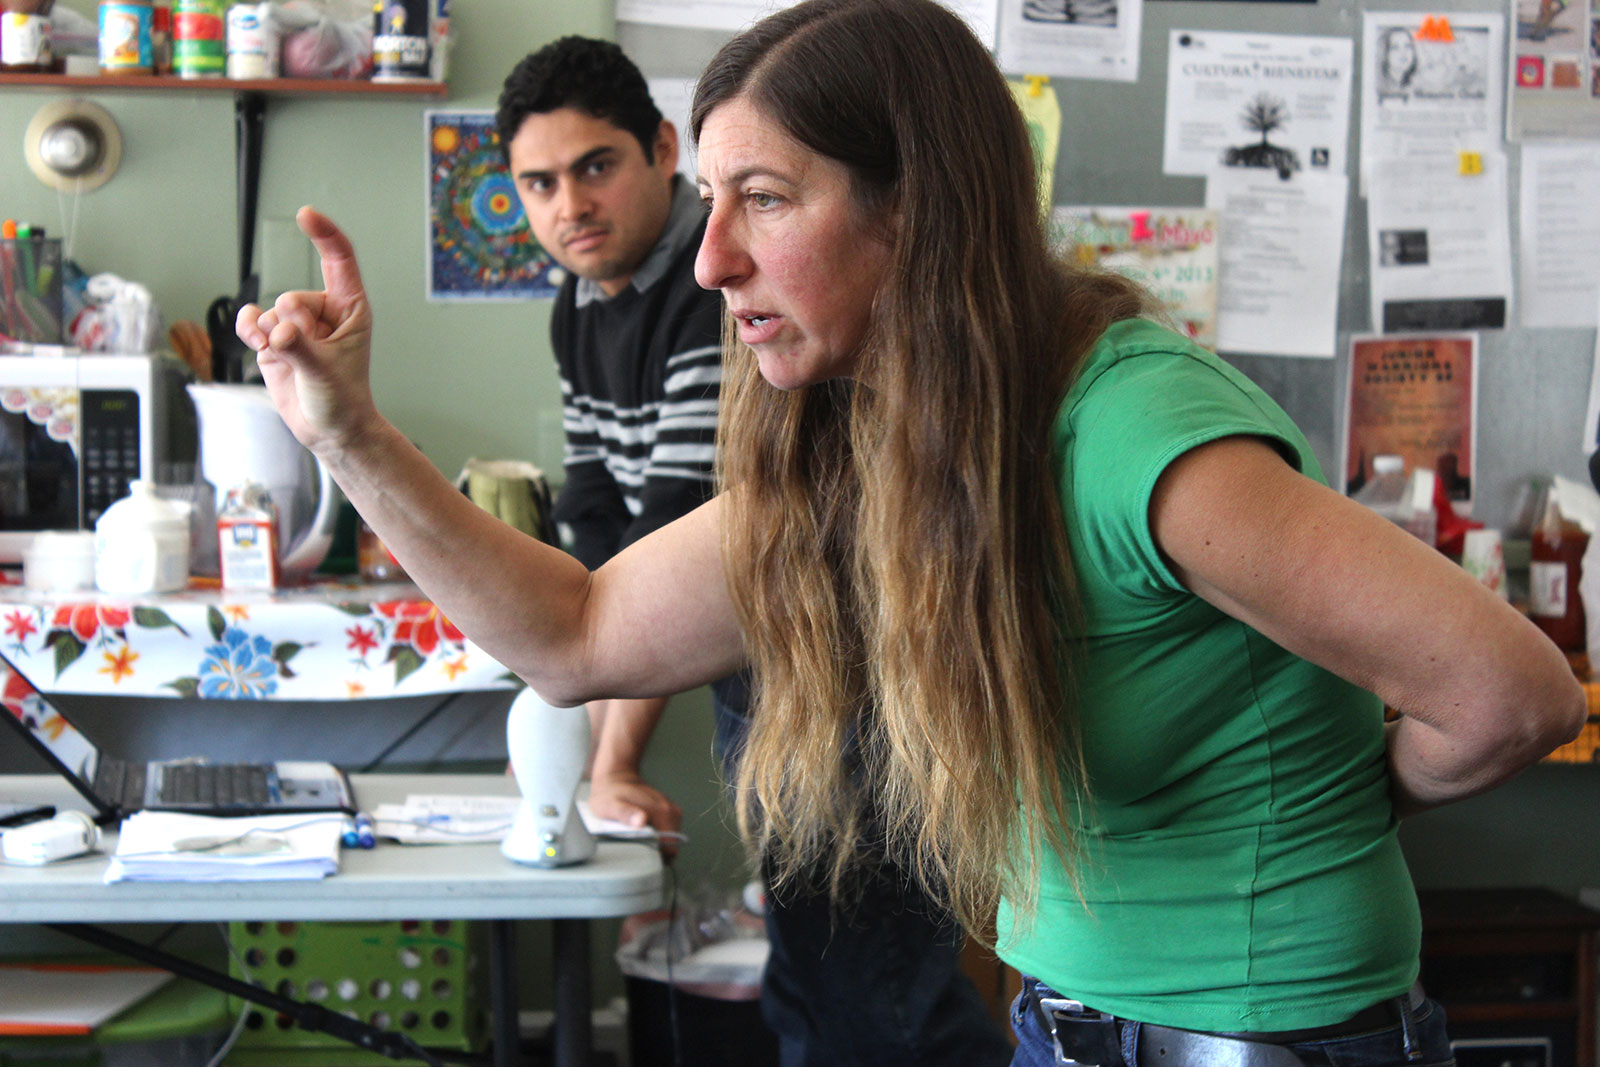 La clase en Asociación Mayab es una mezcla de gente de todas las edades y contextos. Fotos de Laia Gordi.